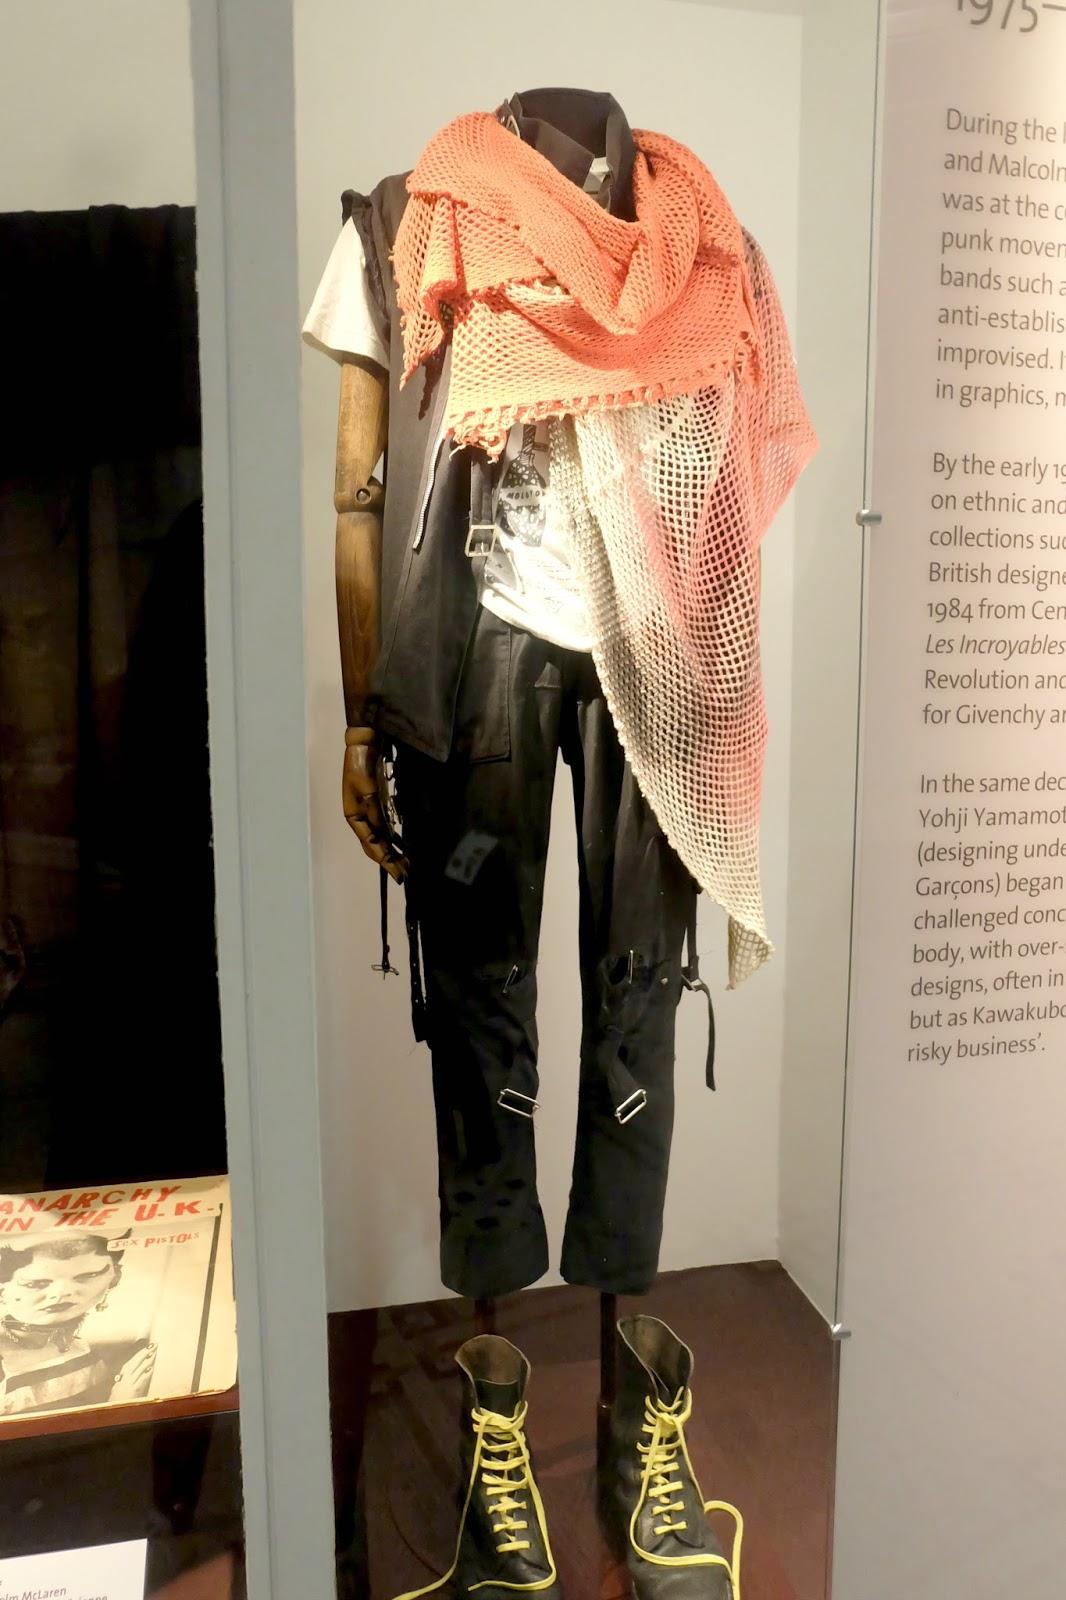 v&a museum vivenne westwood